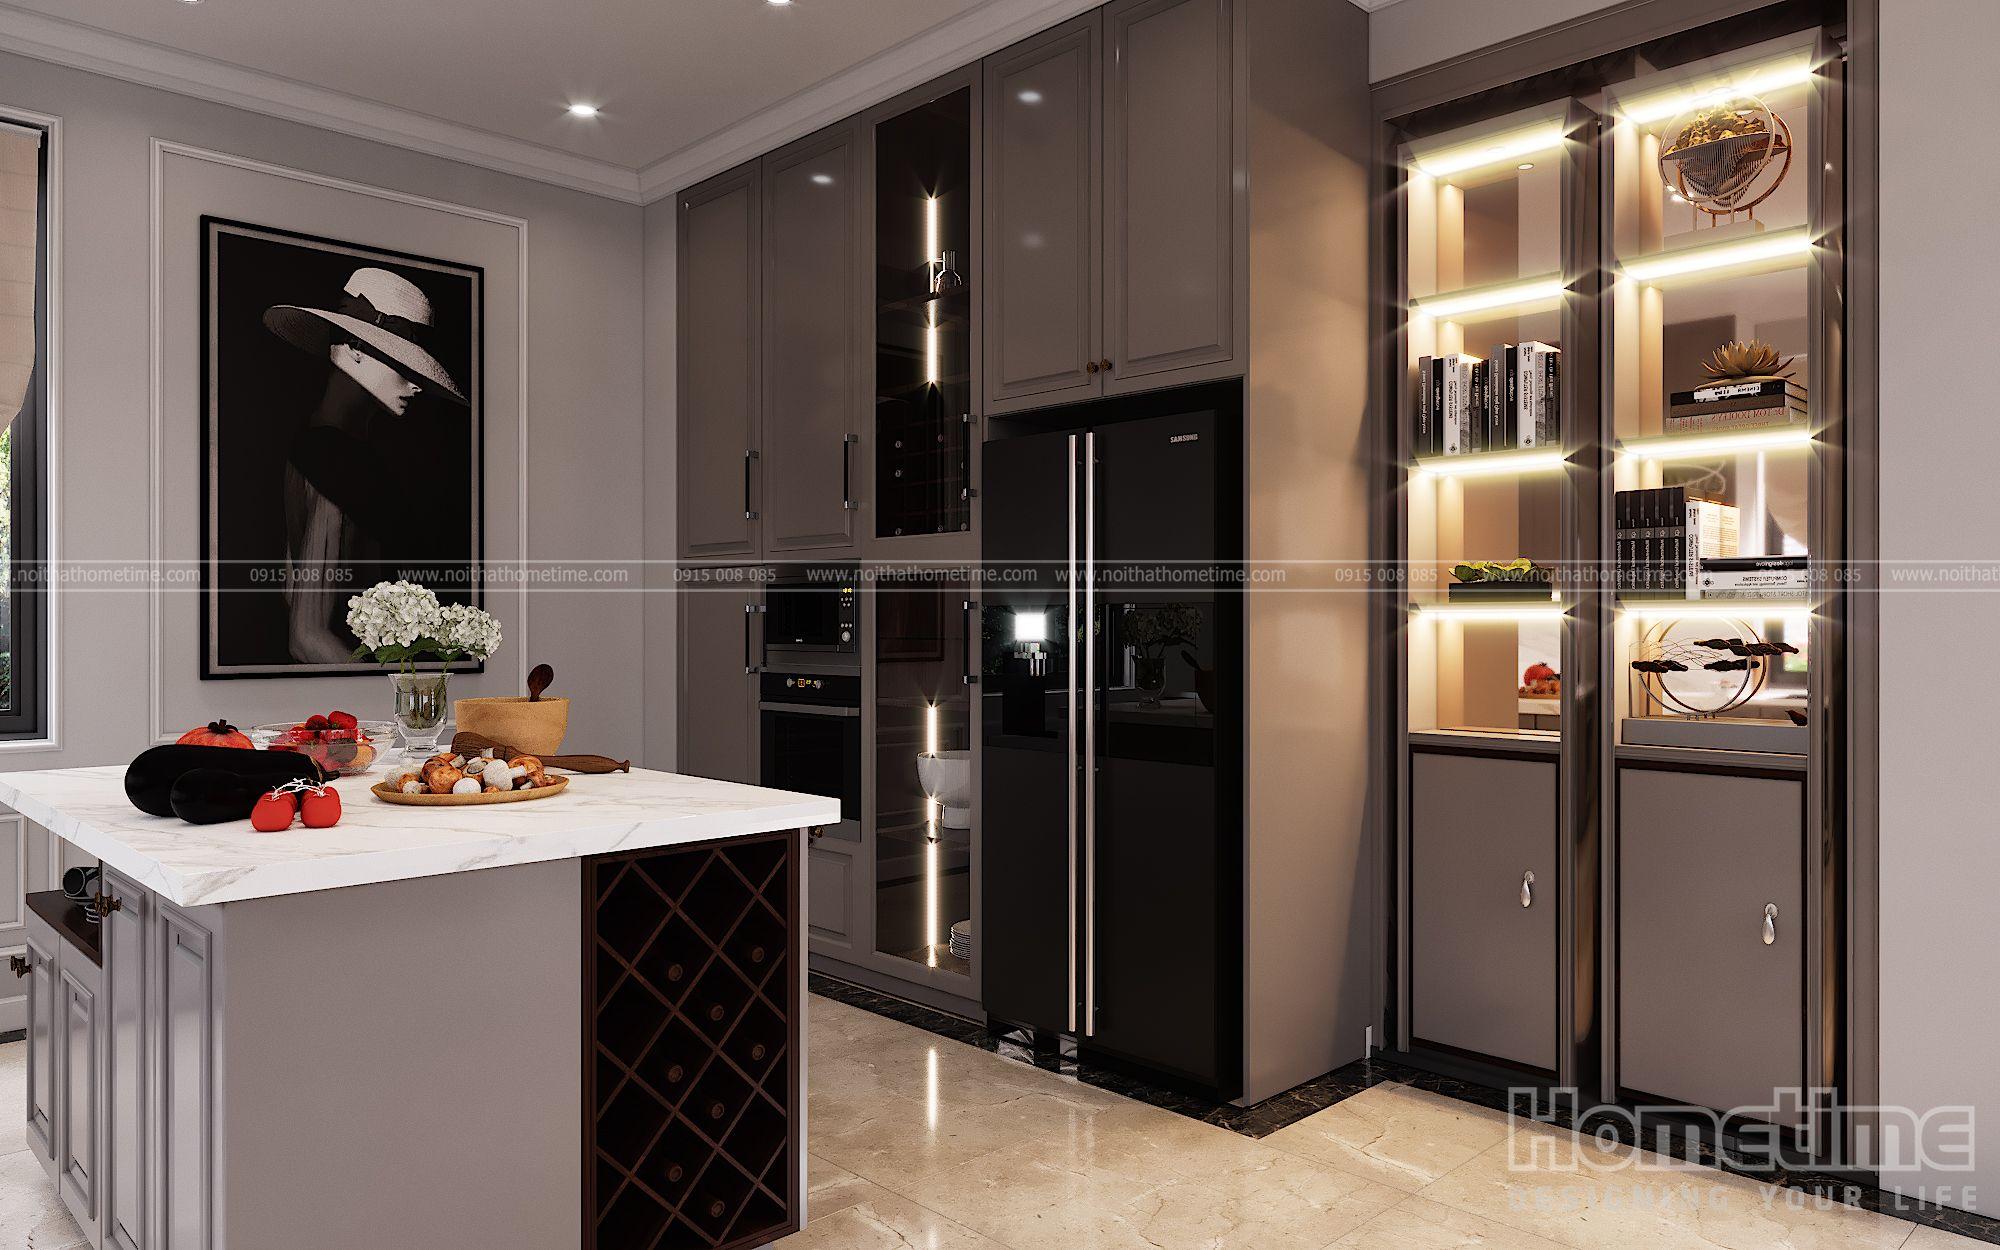 Đèn led gắn trong tủ giúp tăng thêm tính thẩm mỹ cho bộ sản phẩm